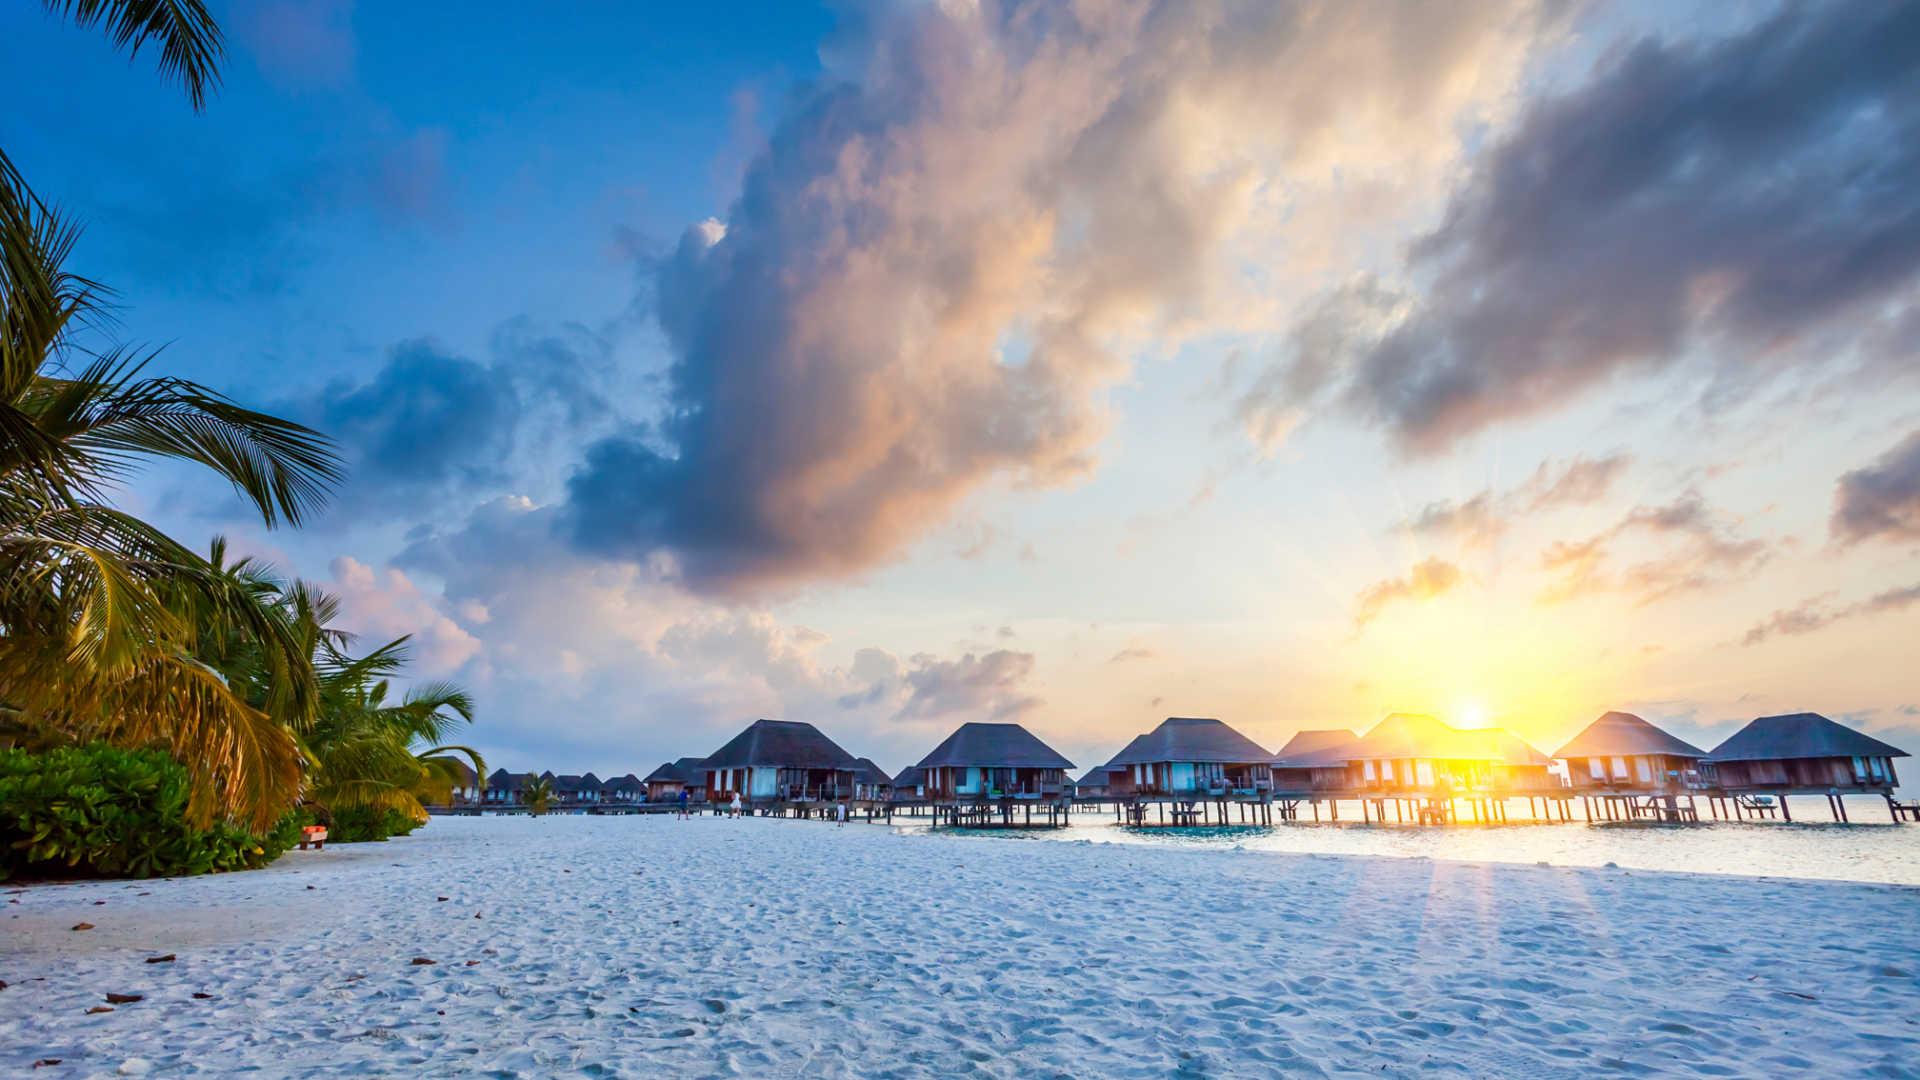 افضل الجزر لقضاء الشتاء في المالديف